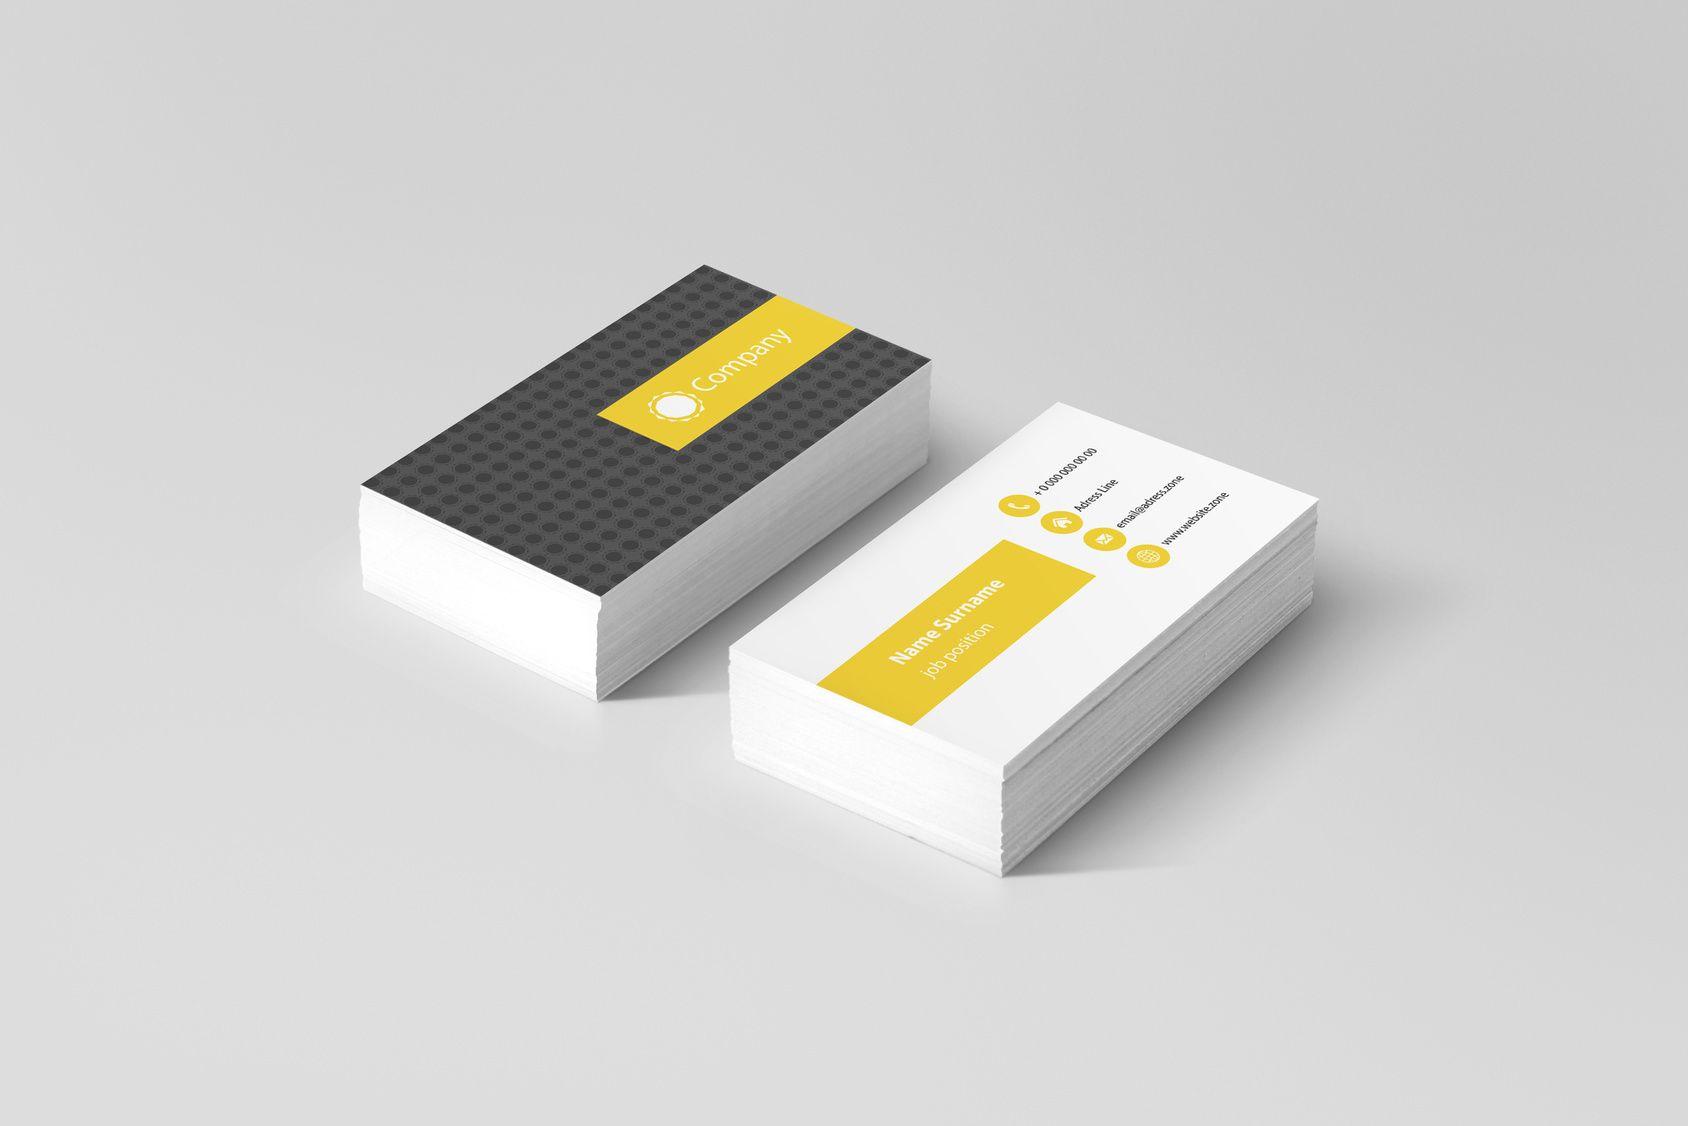 Nouez Des Contacts Avec Votre Carte De Visite Vous Laissez Une Premiere Impression Professionnelle A Vos Nouveaux Clients Ou Partenaires Daffaires